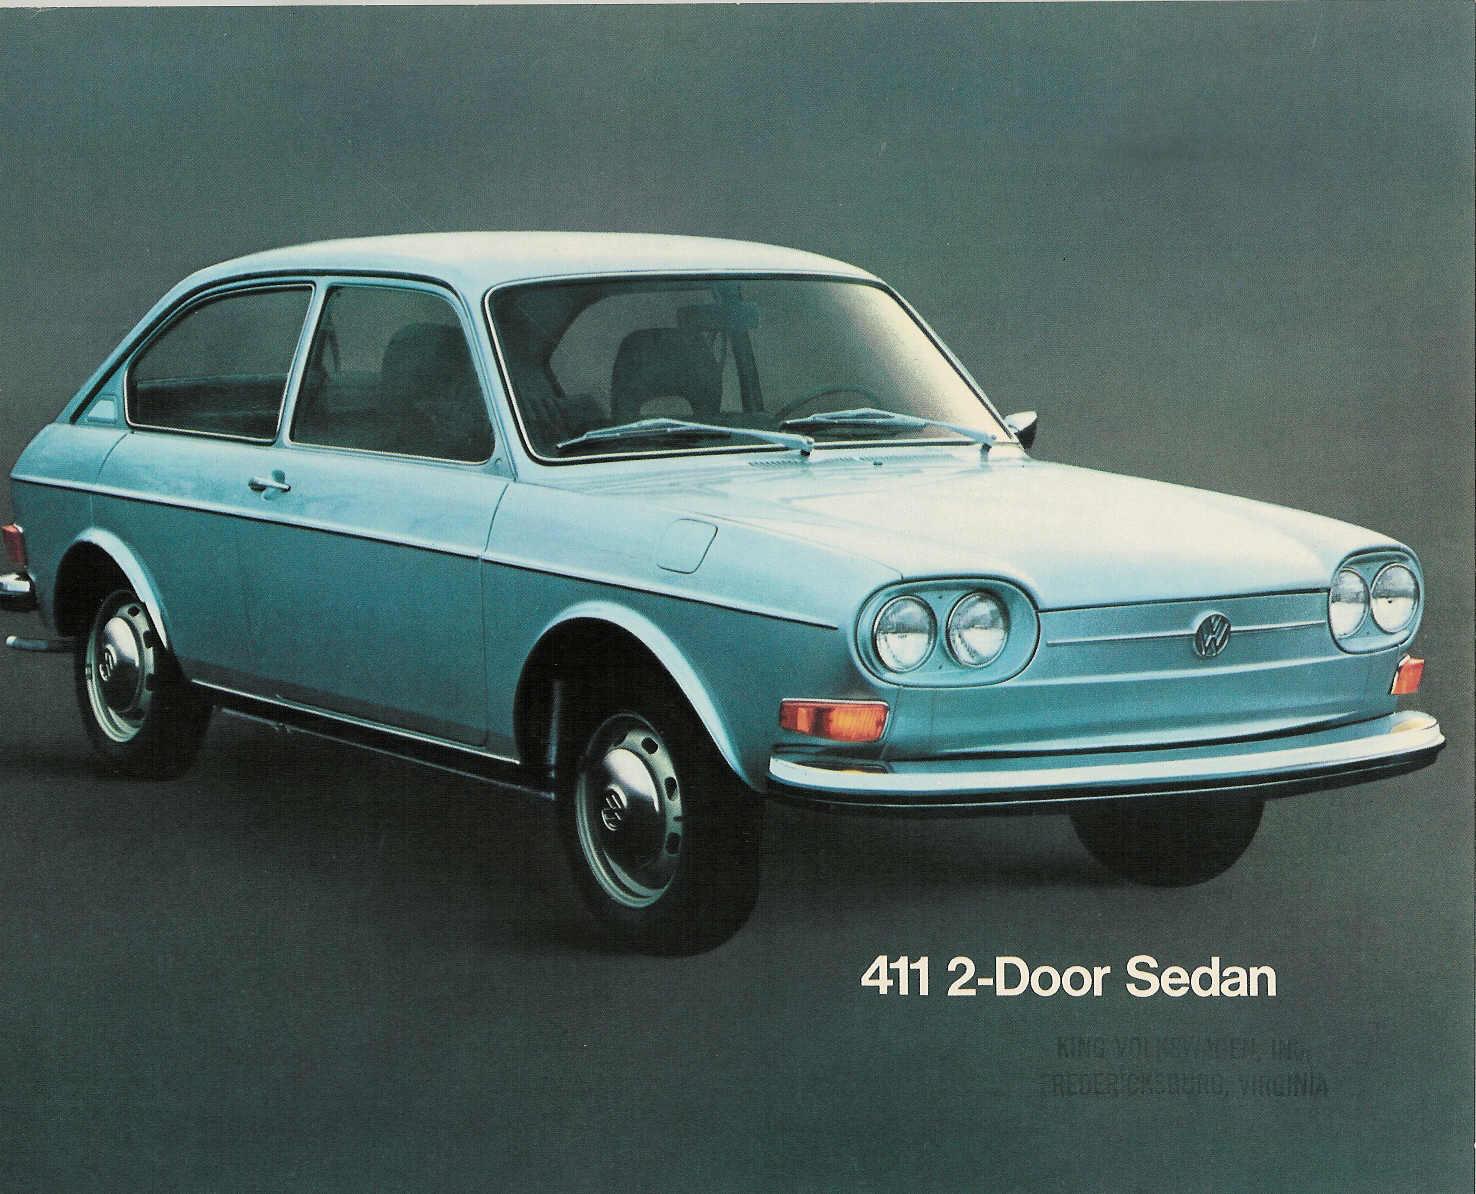 VW 411 2-door sedan